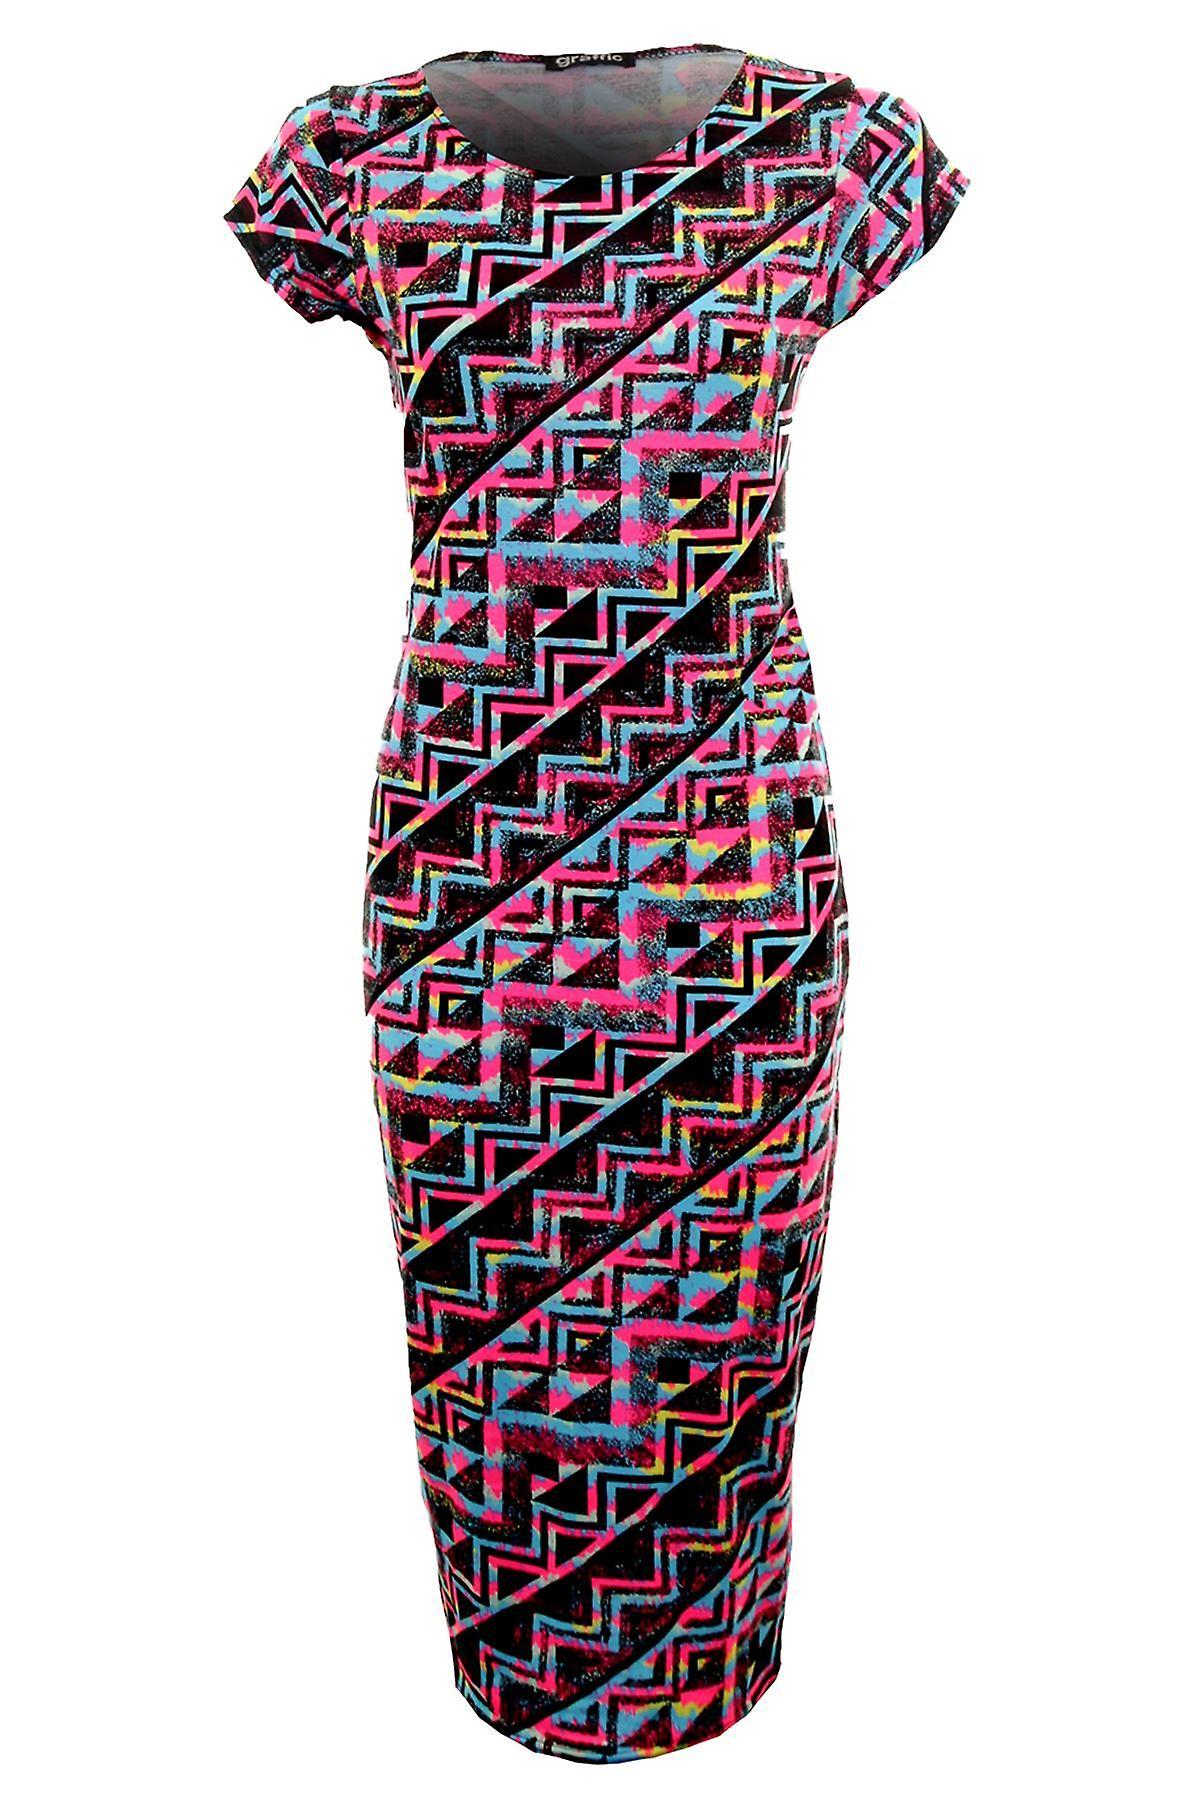 Hyvät Celeb Aztec kukka Leopard Splash kesän naisten Midi Bodycon mekko